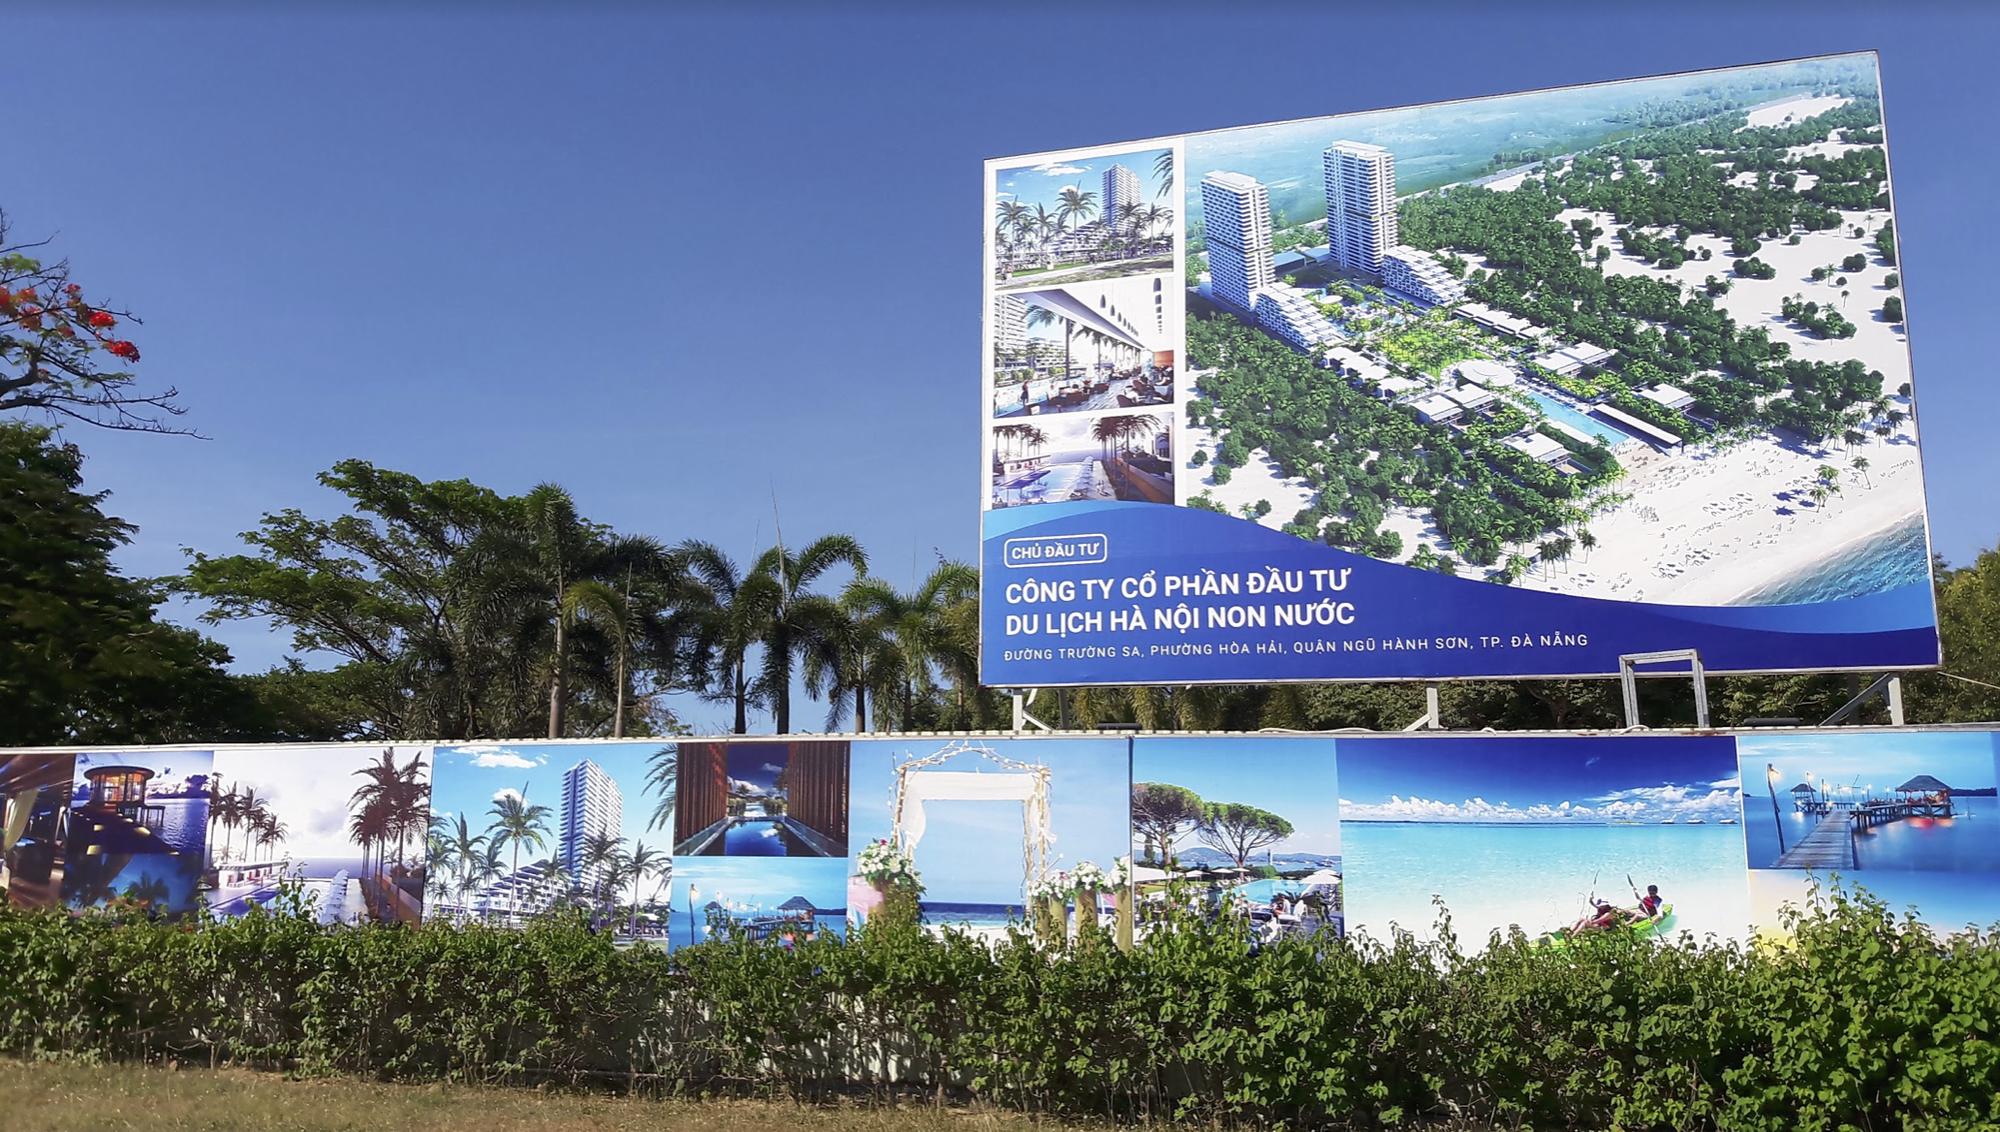 Dự án nghỉ dưỡng 756 tỉ đồng của công ty Đầu tư du lịch Hà Nội Non Nước tại Đà Nẵng lại trễ hẹn - Ảnh 1.